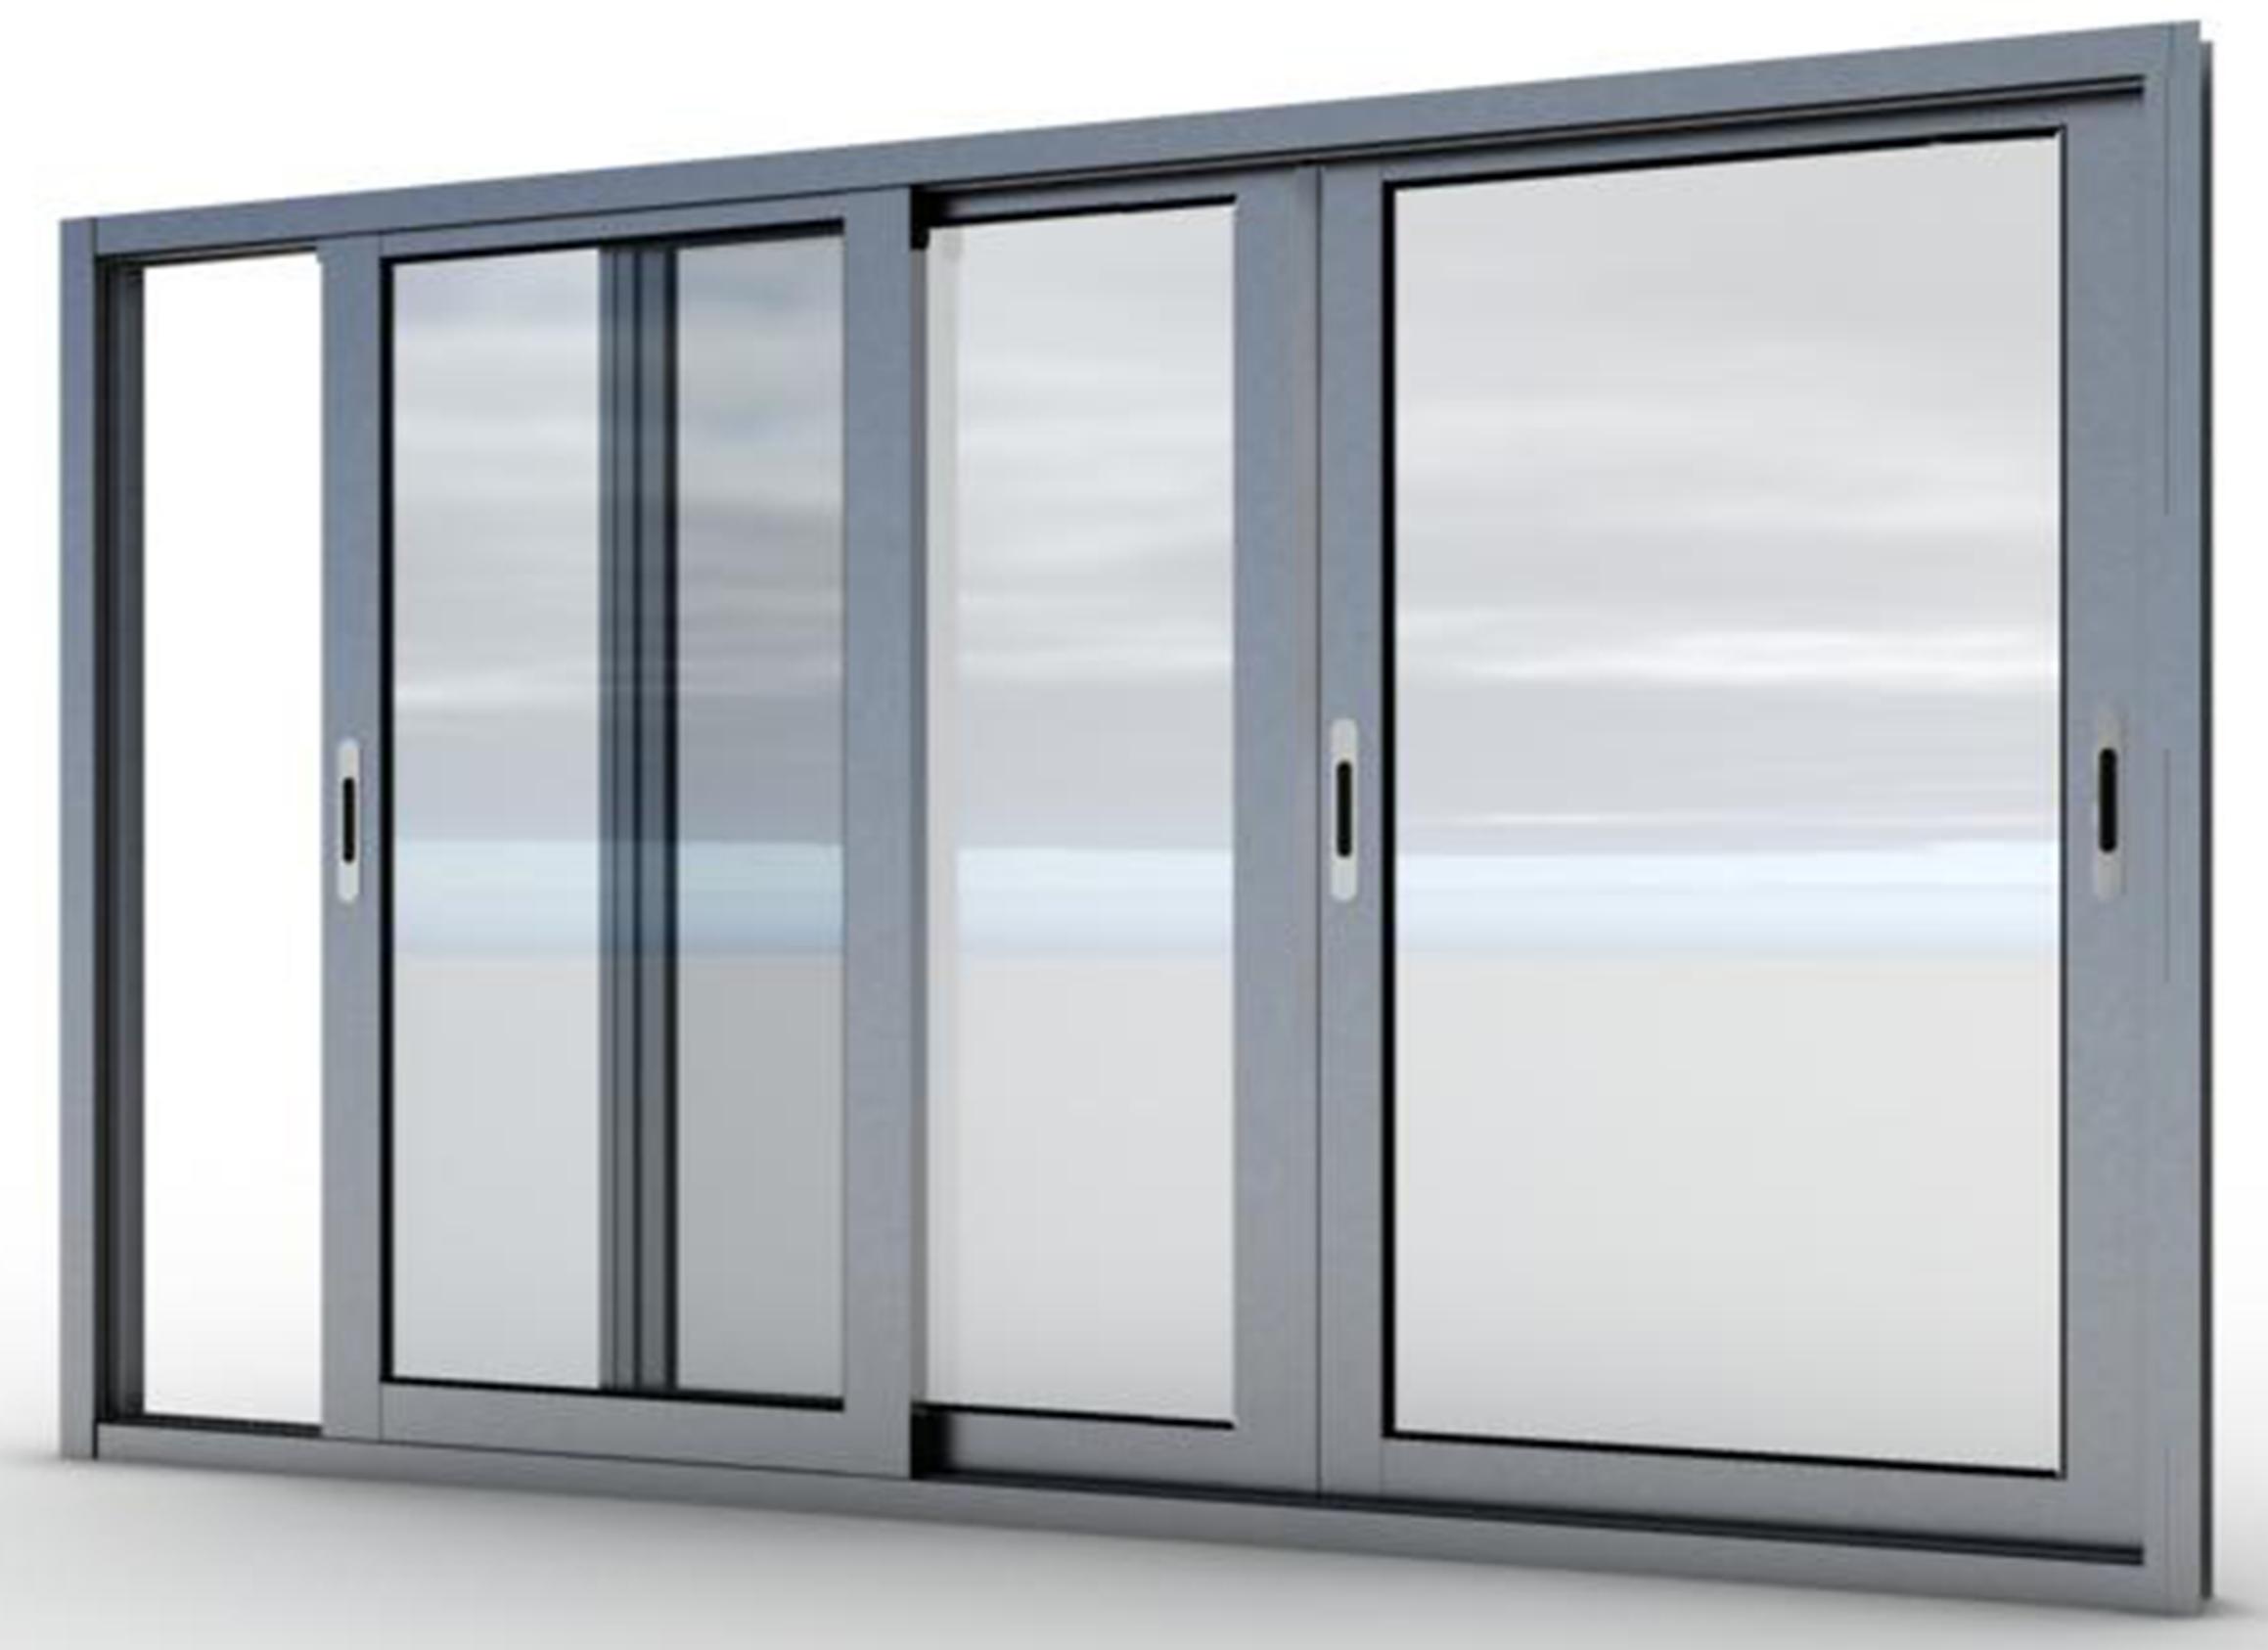 Алюминиевые раздвижные балконные рамы.